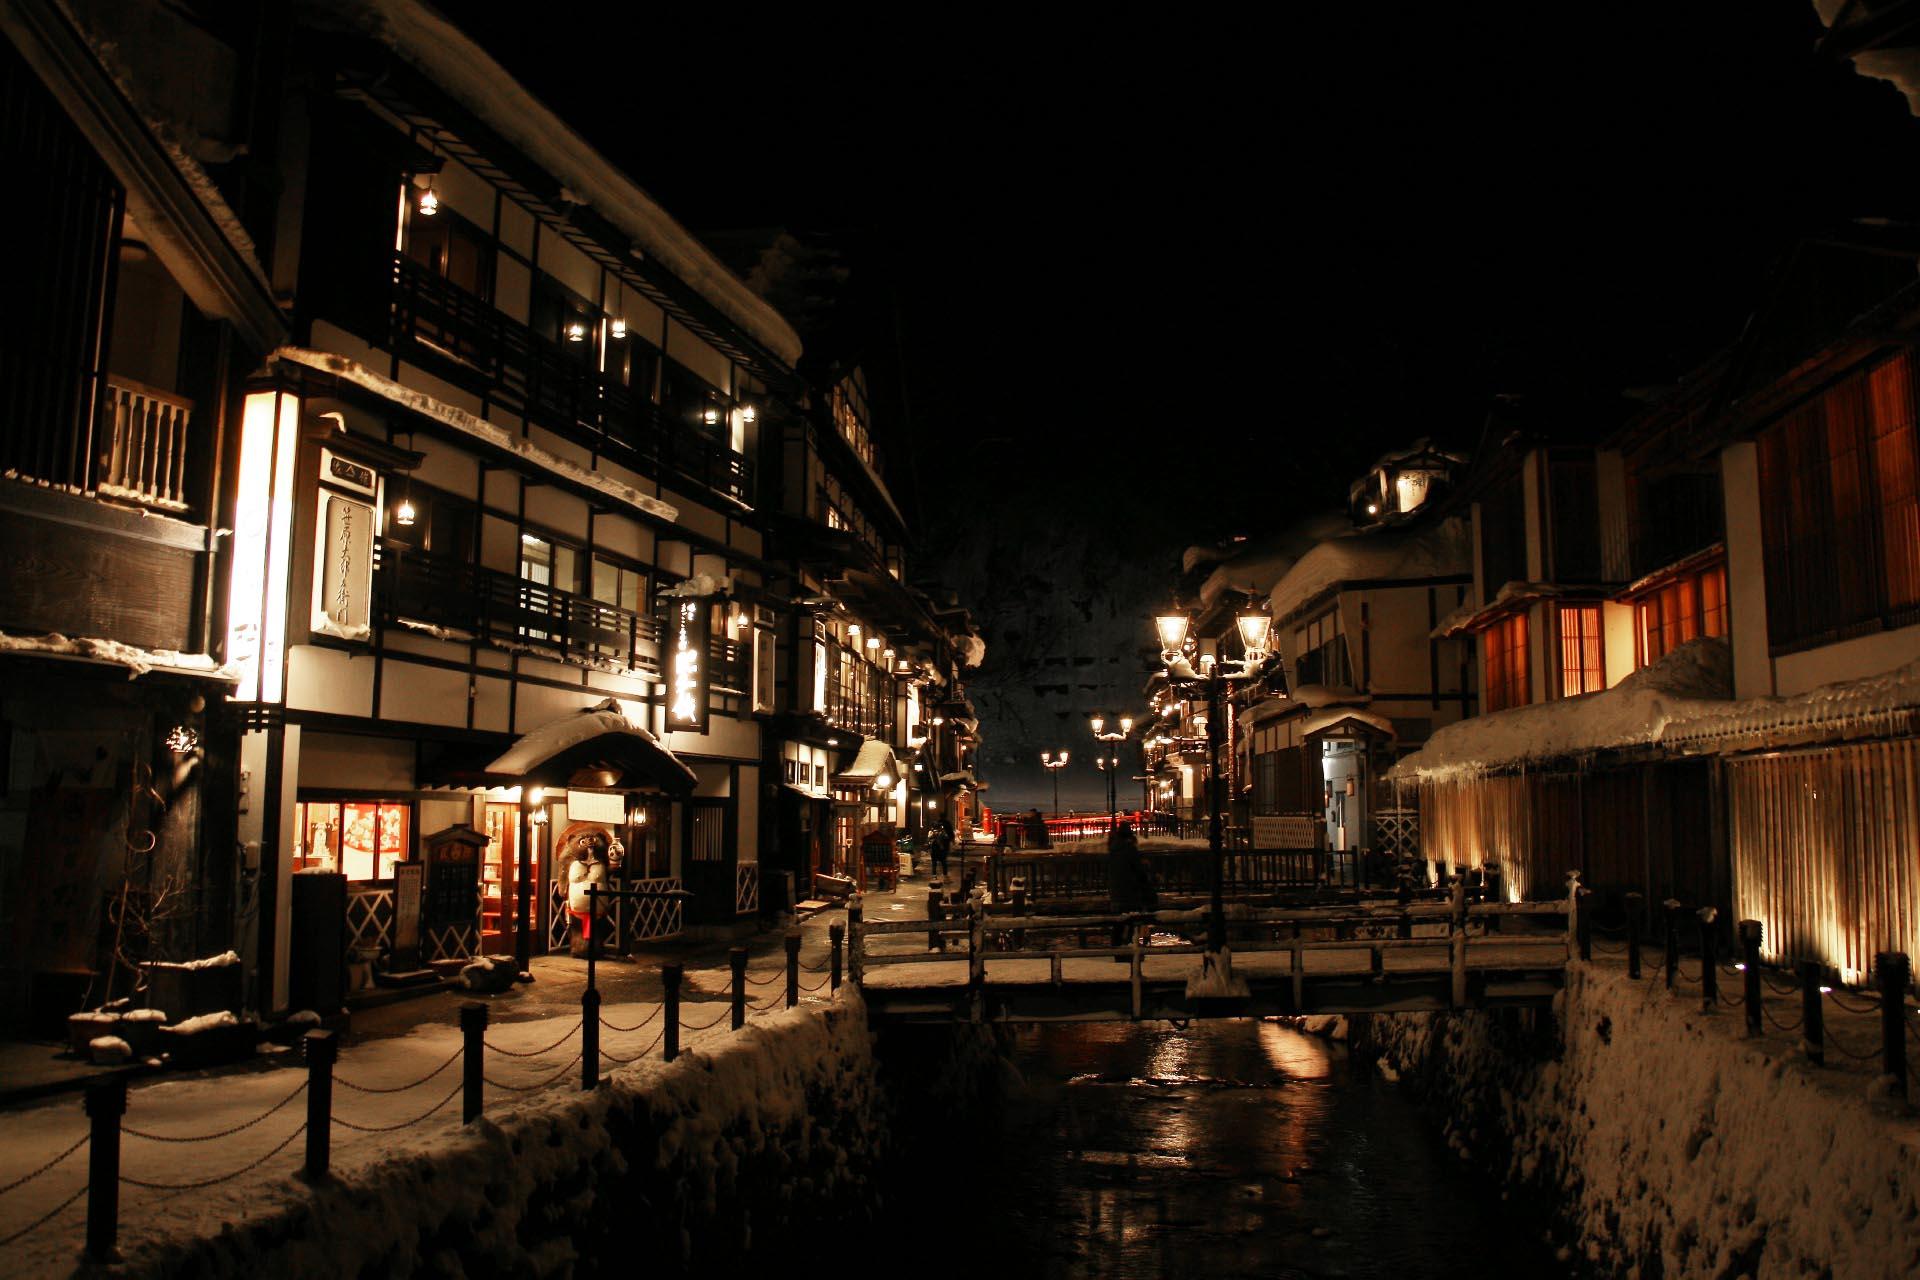 冬の夜の銀山温泉の風景 山形の風景